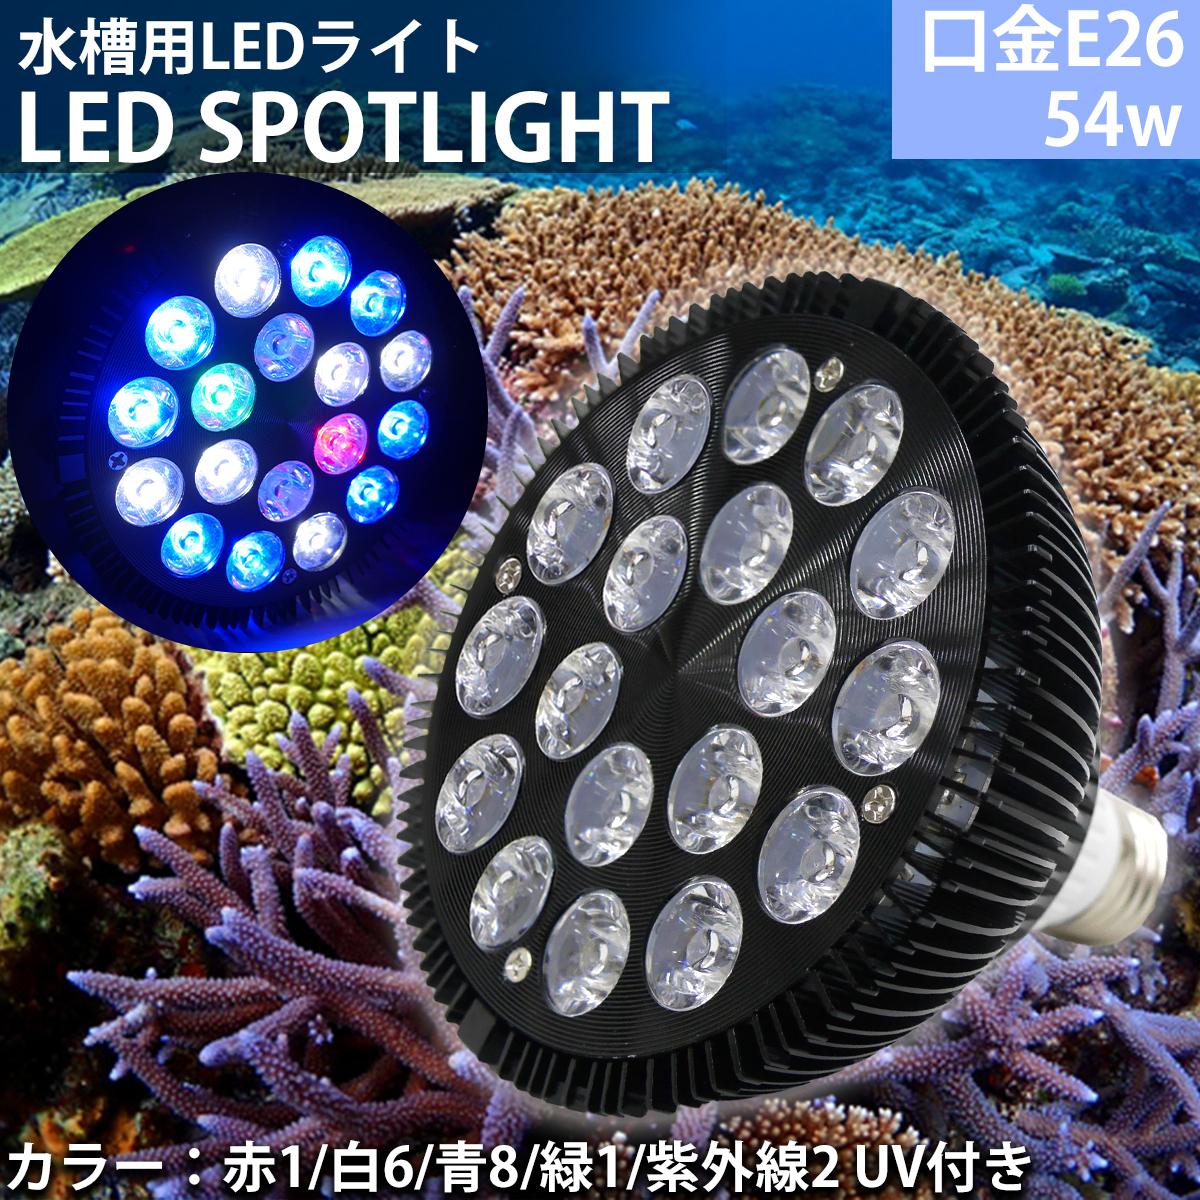 E26口金 54W 珊瑚 植物育成 水草用 水槽用 熱帯魚 LEDアクアリウムスポットライト 赤1/白6/青8/緑1/紫外線2 UV付き 【QL-14】_画像1